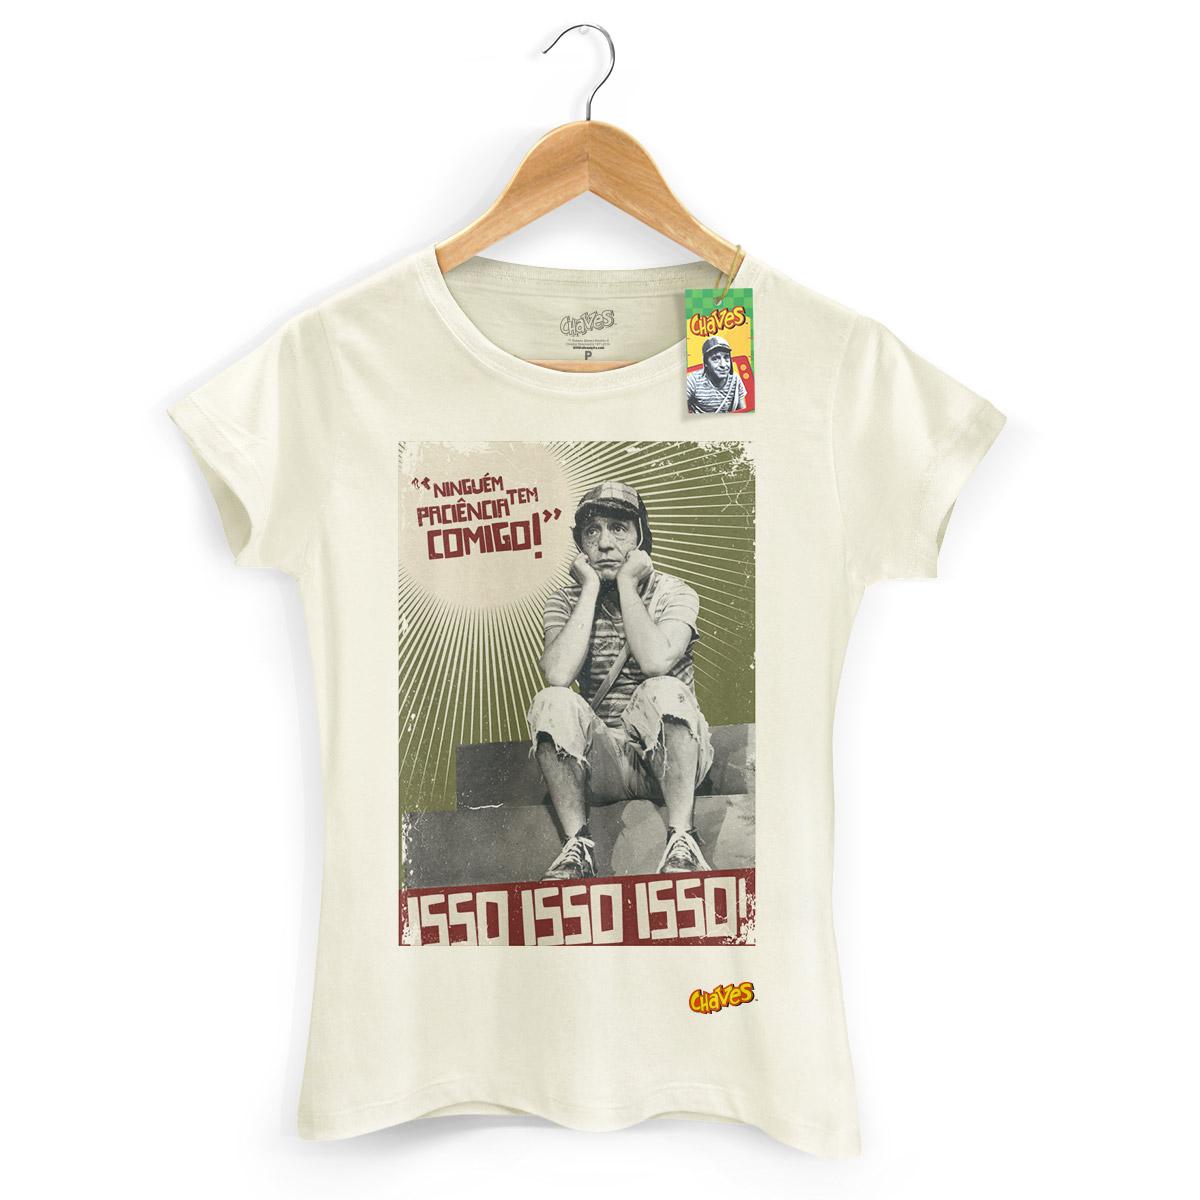 Camiseta Feminina Chaves Ninguém Tem Paciência Comigo! 2